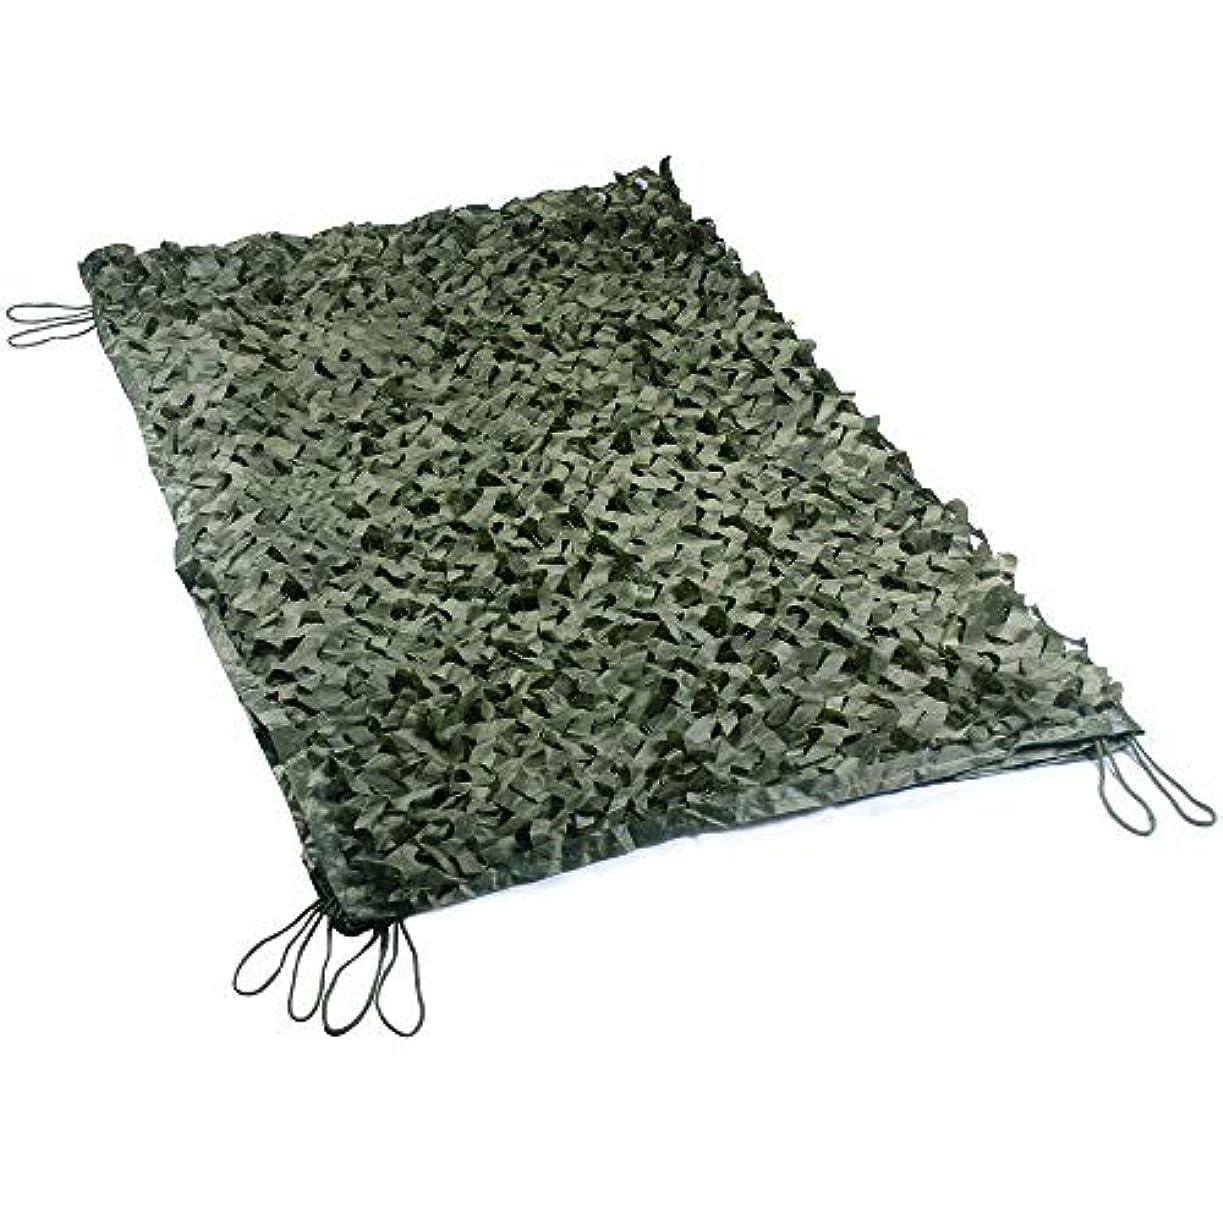 ちょっと待って芸術最愛のグリーンジャングル迷彩ネット、日除け日焼け止め日焼け止め日除けカモフラージュ帆ネット用バルコニー車の植物カバー2×3メートル3×5メートル複数サイズ (Size : 8*8M)